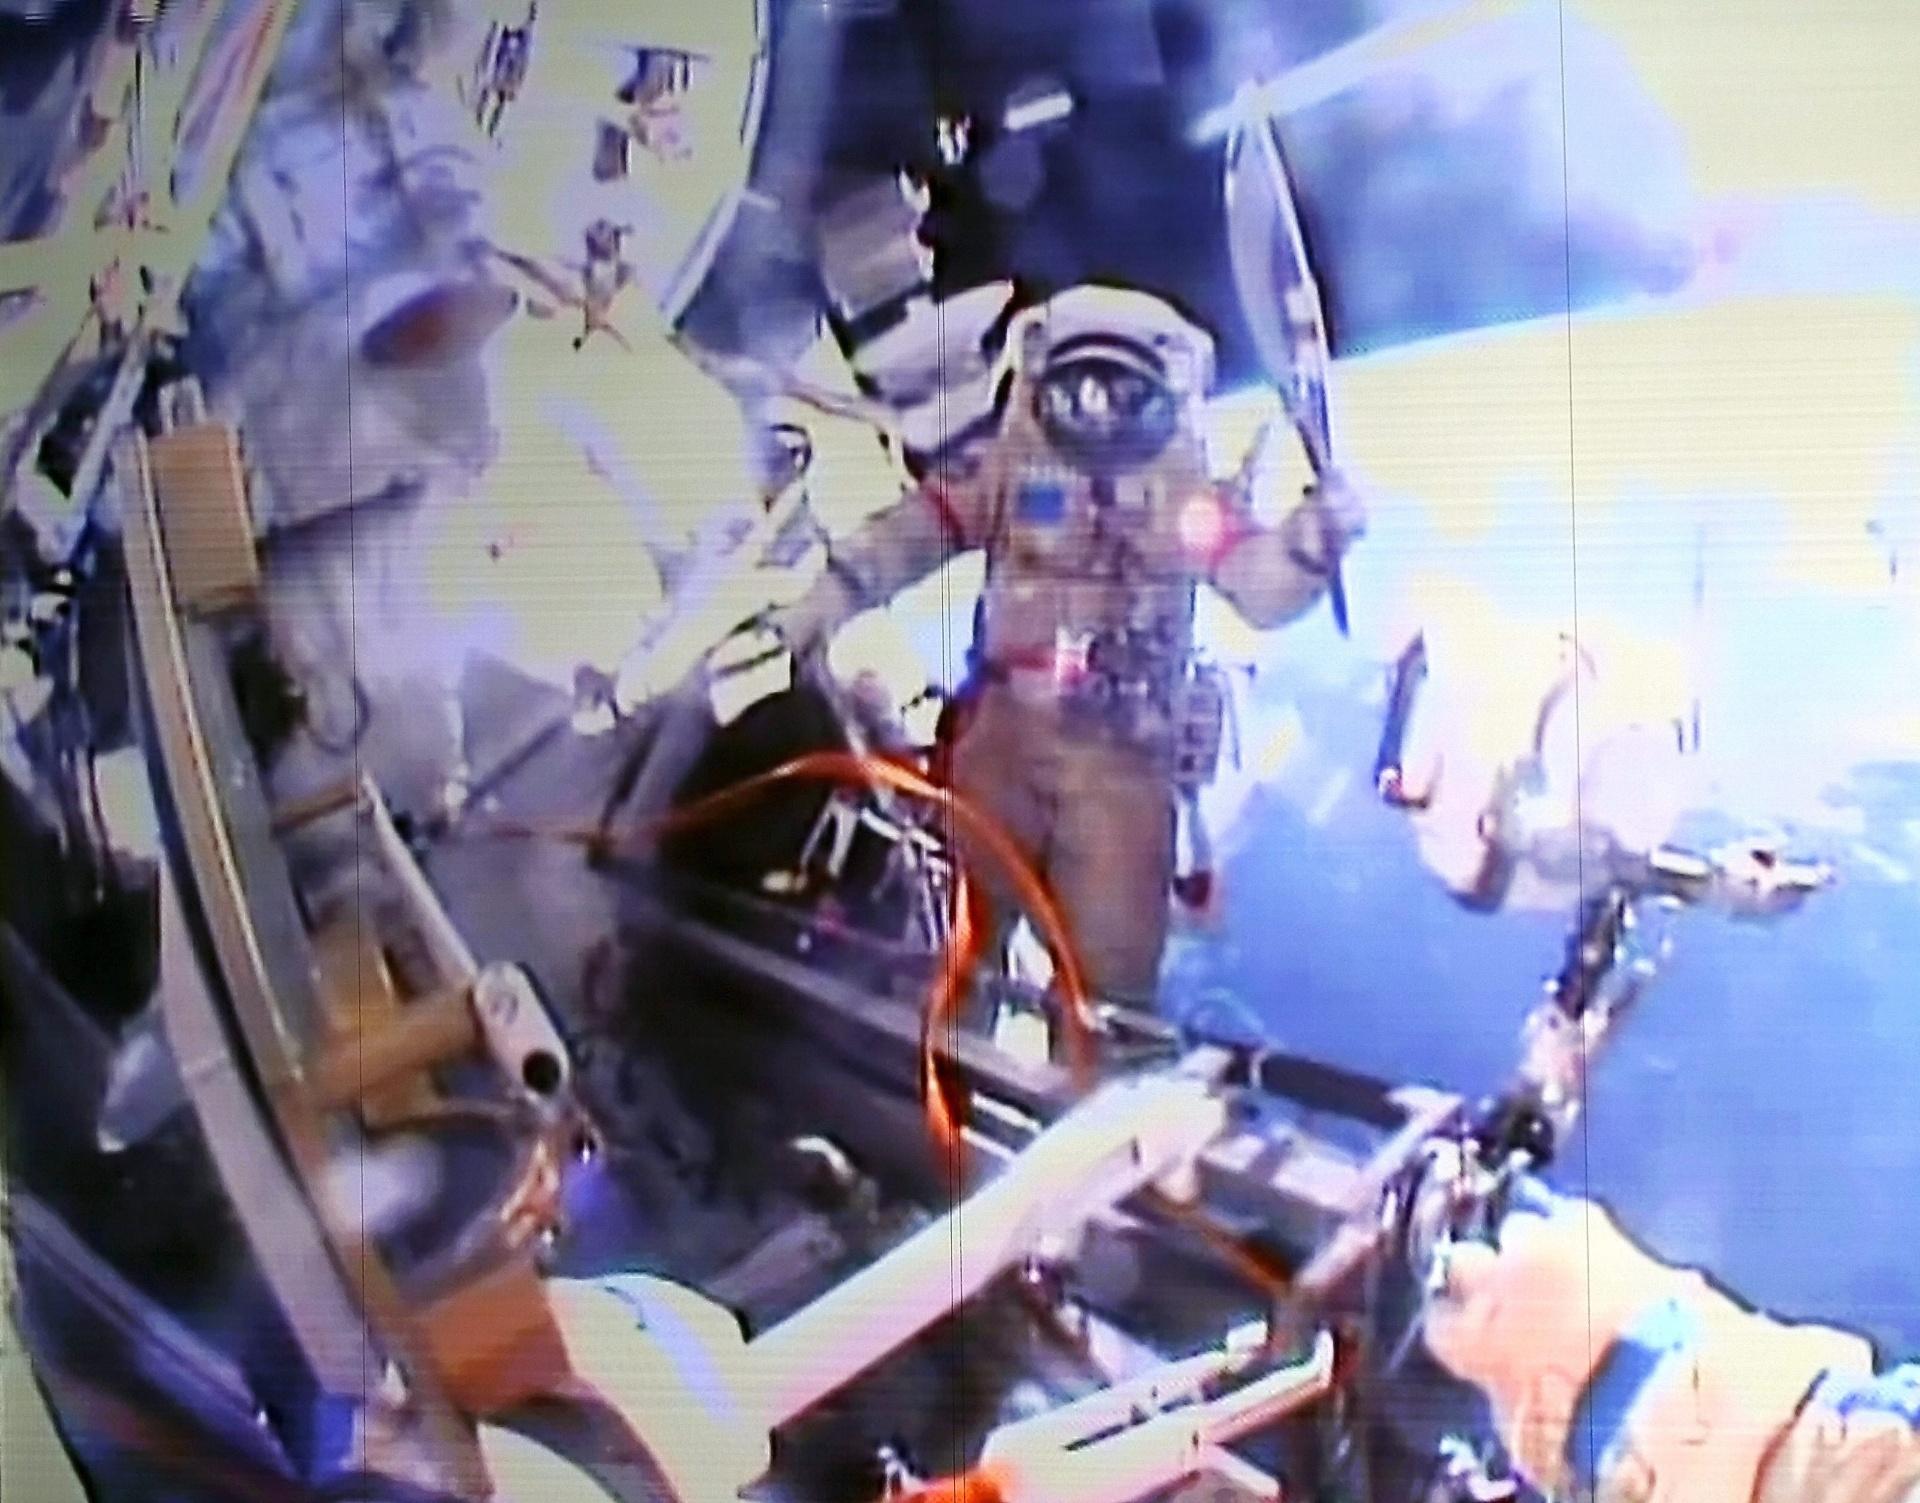 09.nov.2013 - Do lado de fora da Estação Espacial, o cosmonauta russo Oleg Kotov segura a Tocha Olímpica de Inverno